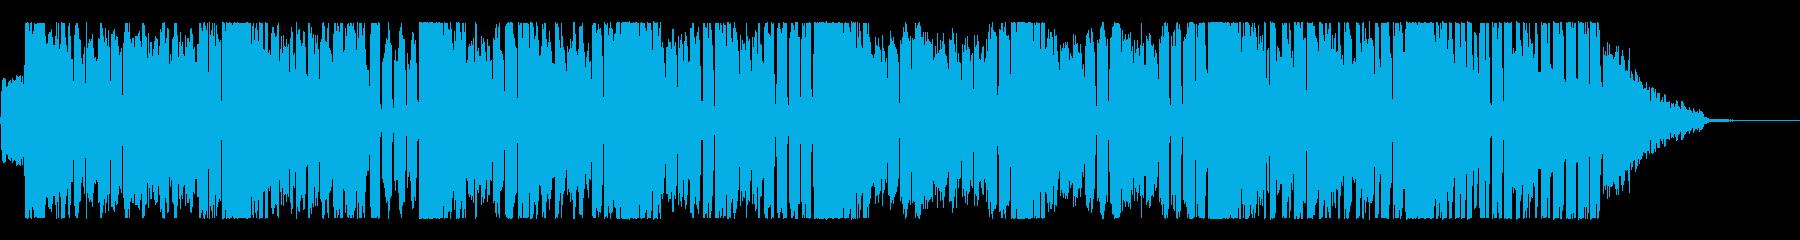 勢いのある4つ打ちジングルの再生済みの波形